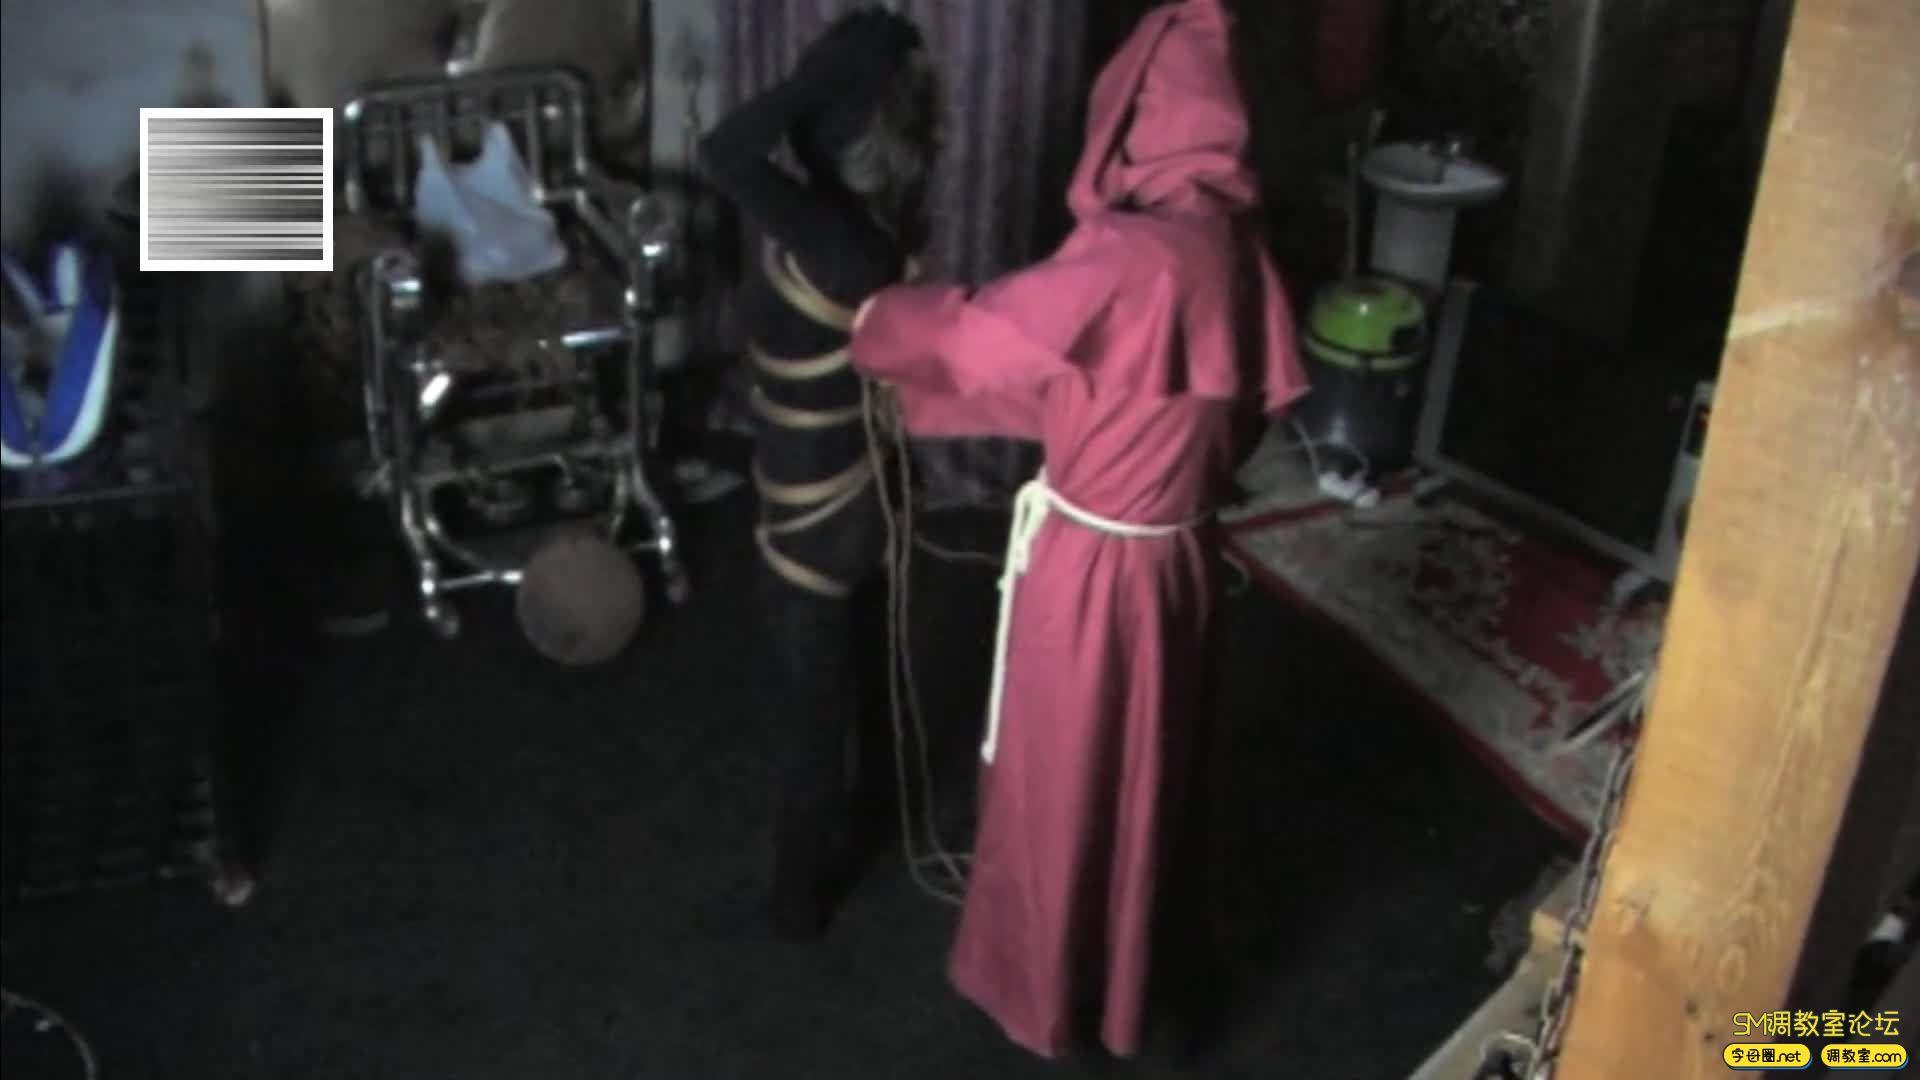 禅狱工作室_D乳黑衣女吊缚鞭打-视频截图3